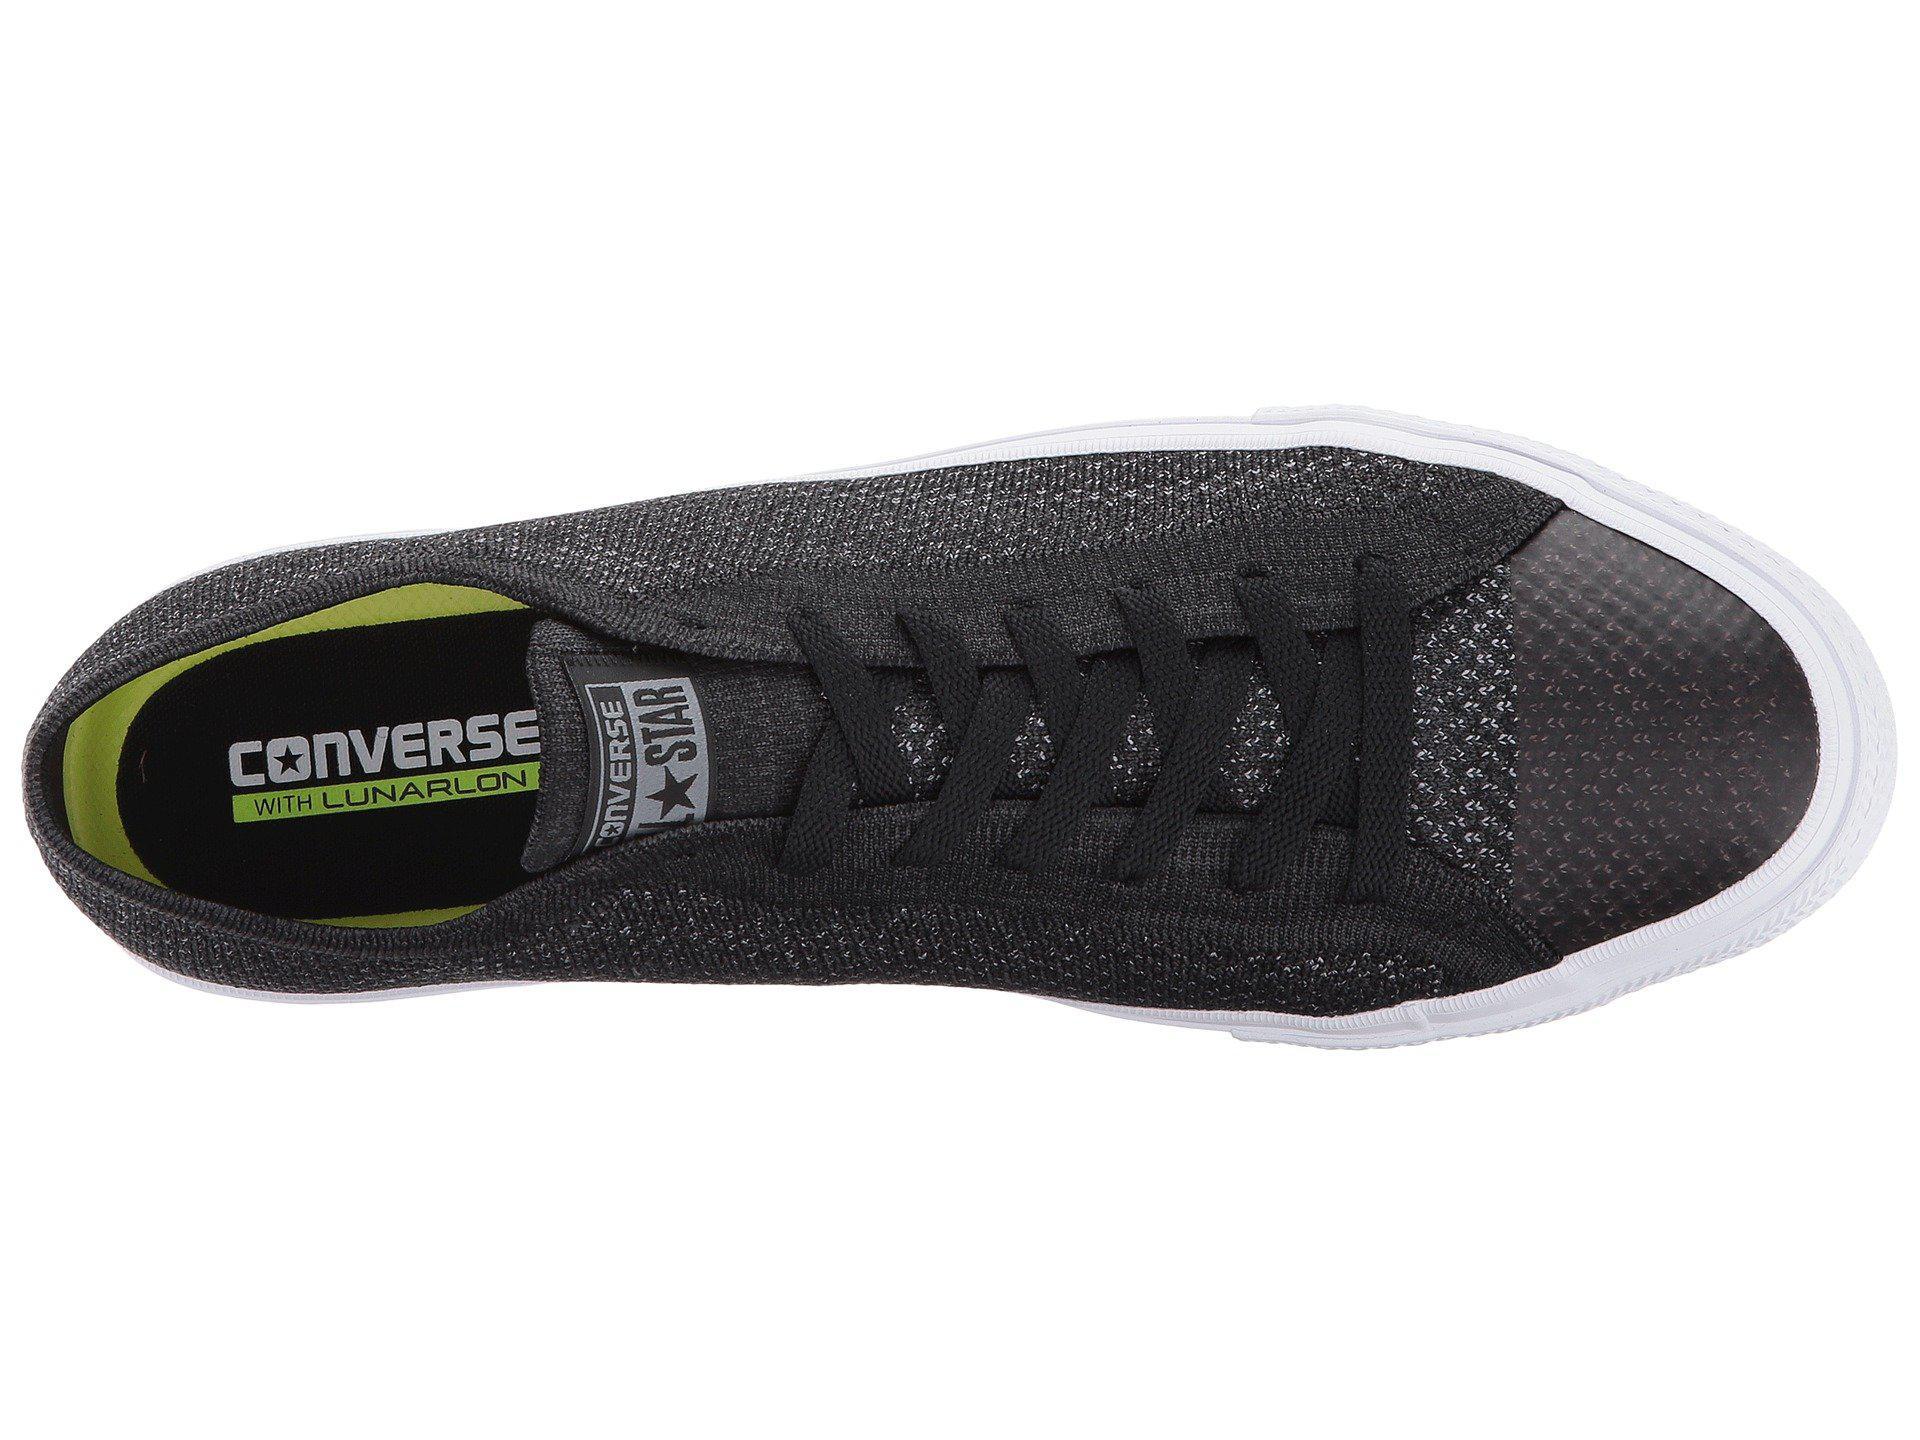 Lyst - Converse Chuck Taylor® All Star® X Nike Flyknit Ox in Black ... 70f0b5fc6